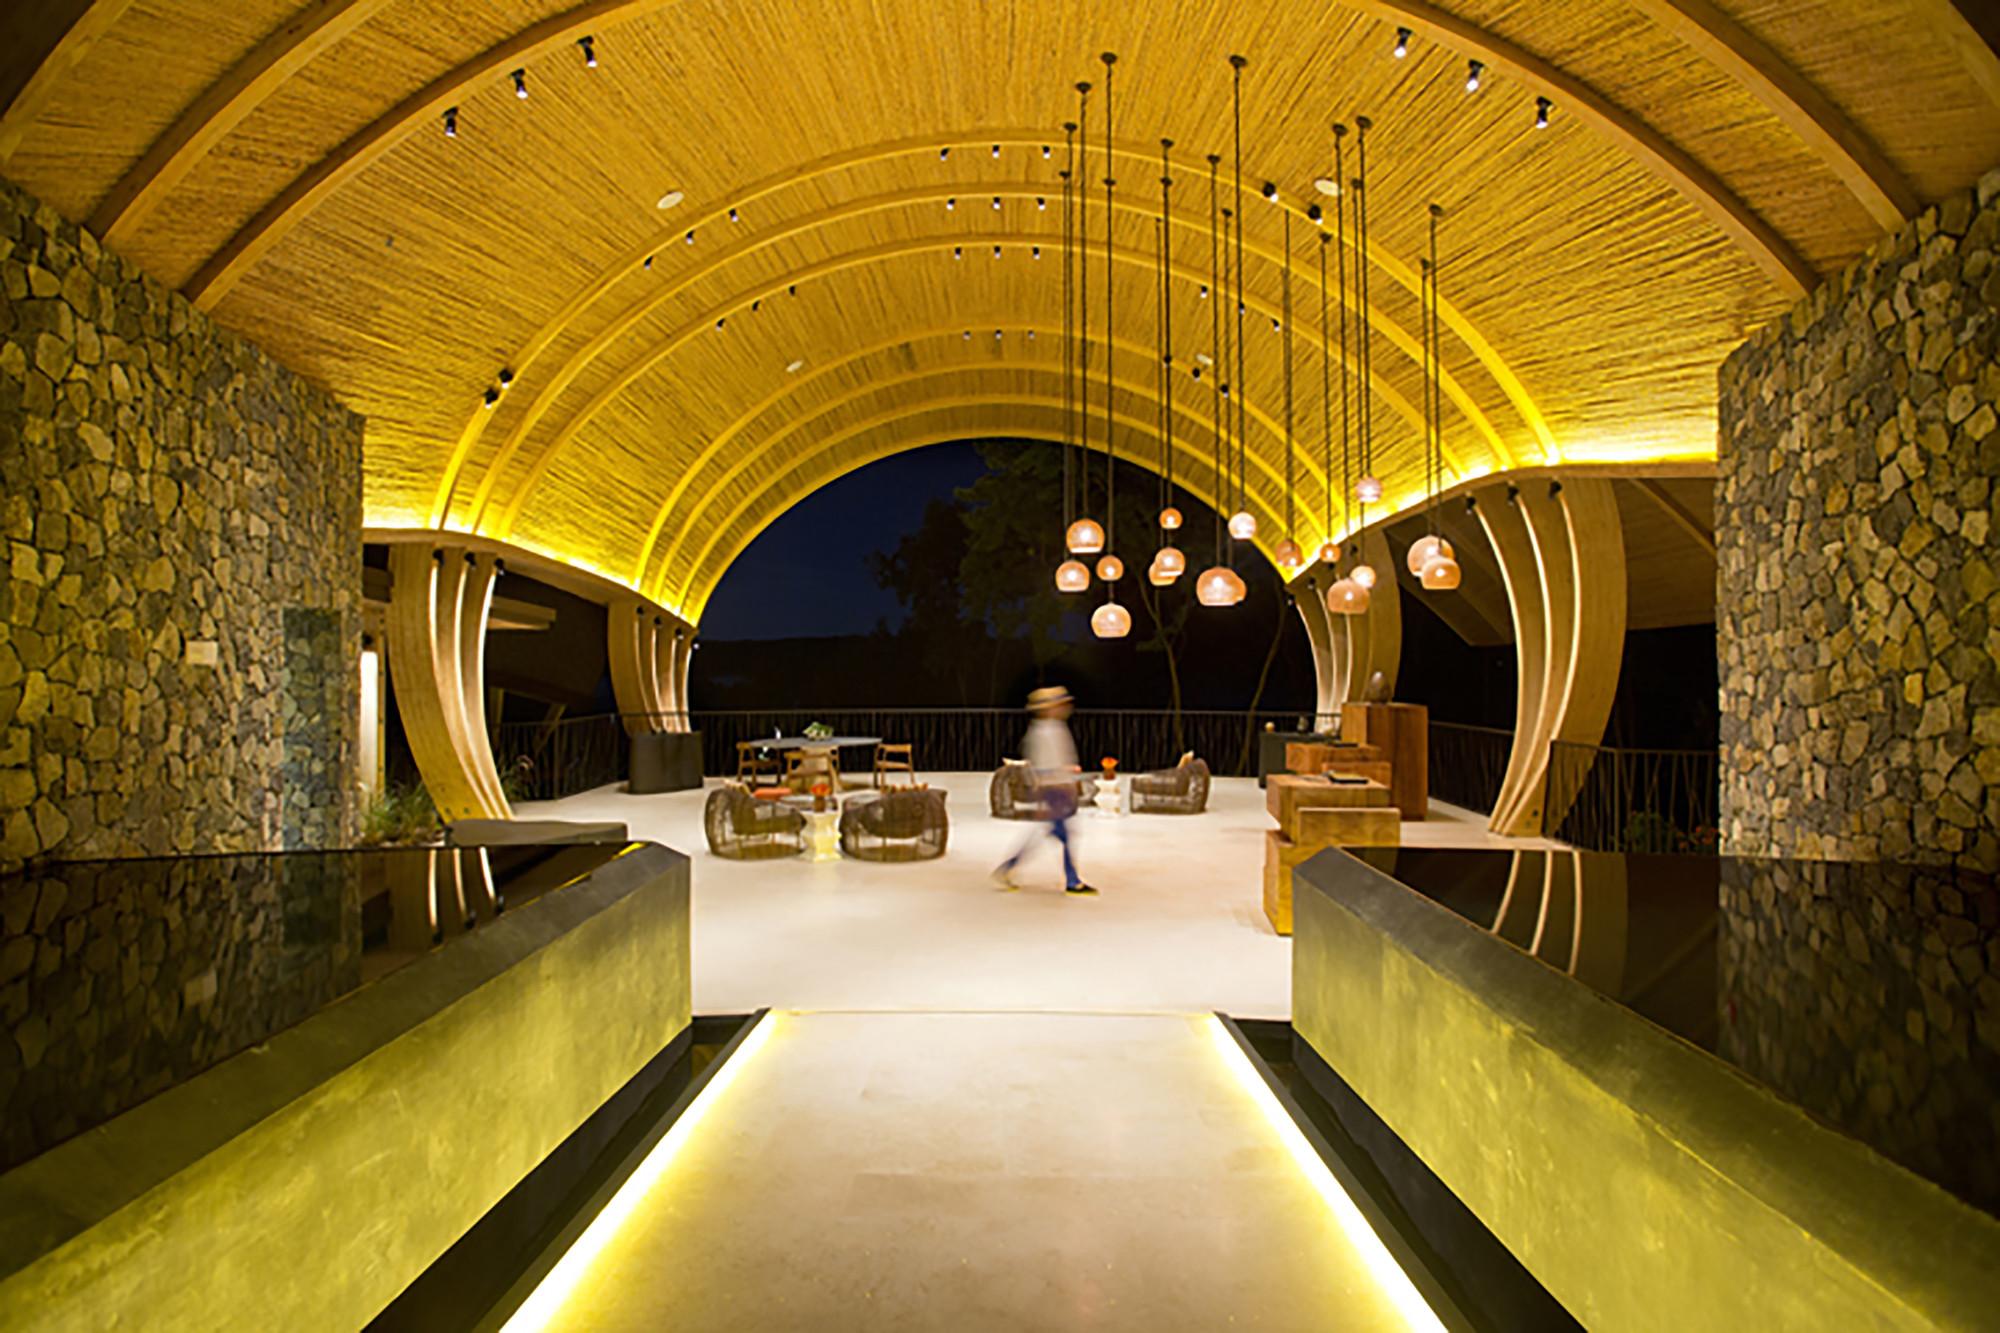 Hotel Andaz / Zürcher Arquitectos, © Andrés García Lachner